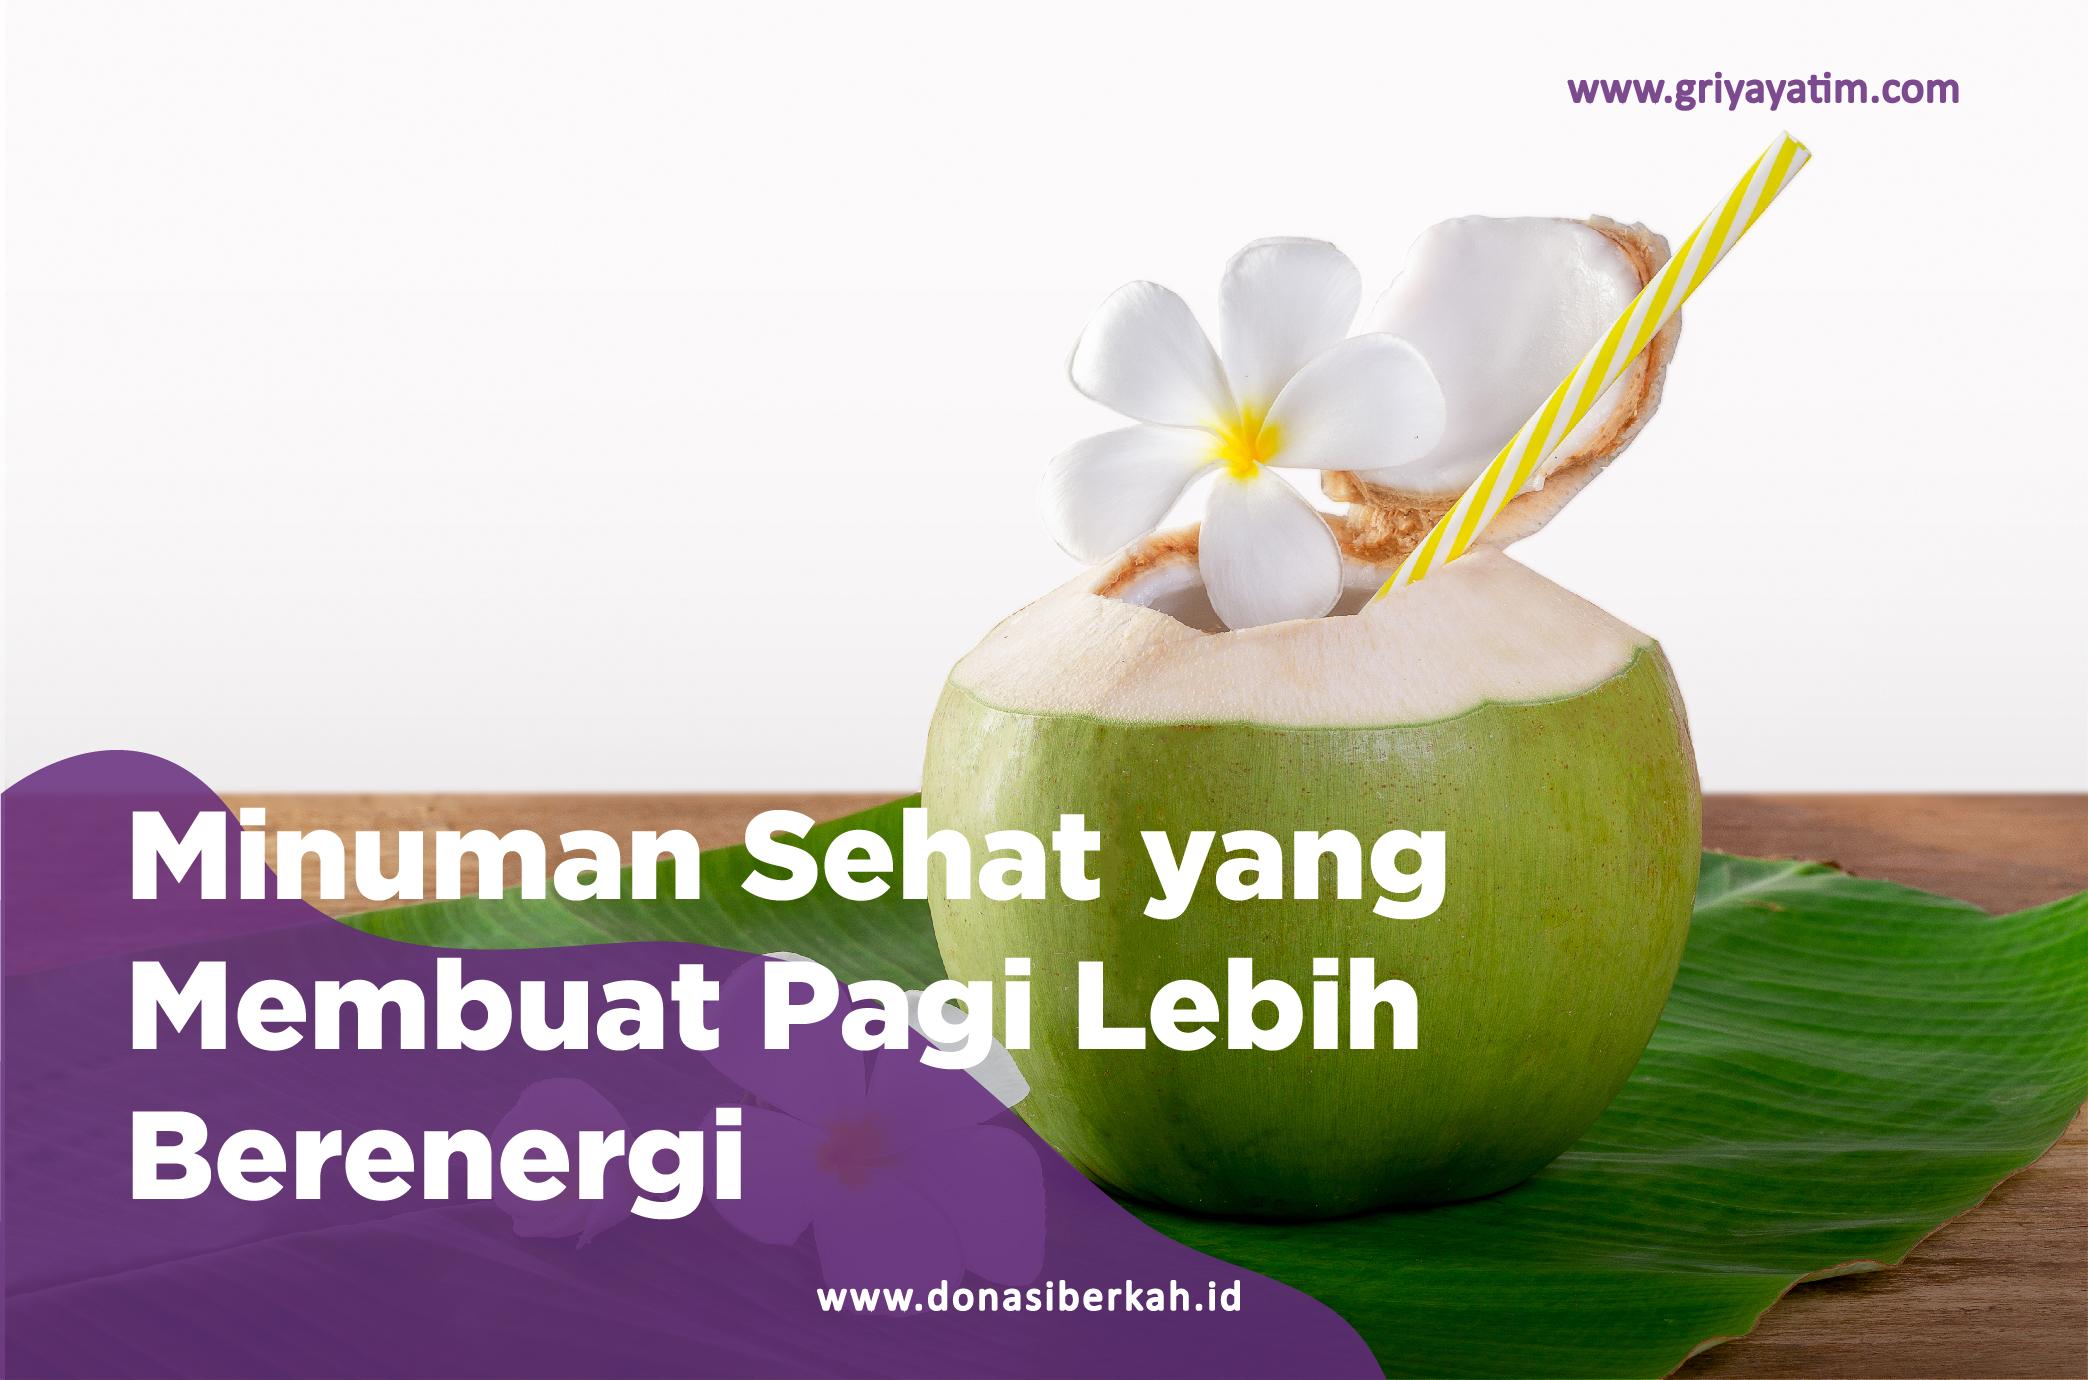 Minuman Sehat yang Membuat Pagi Lebih Berenergi